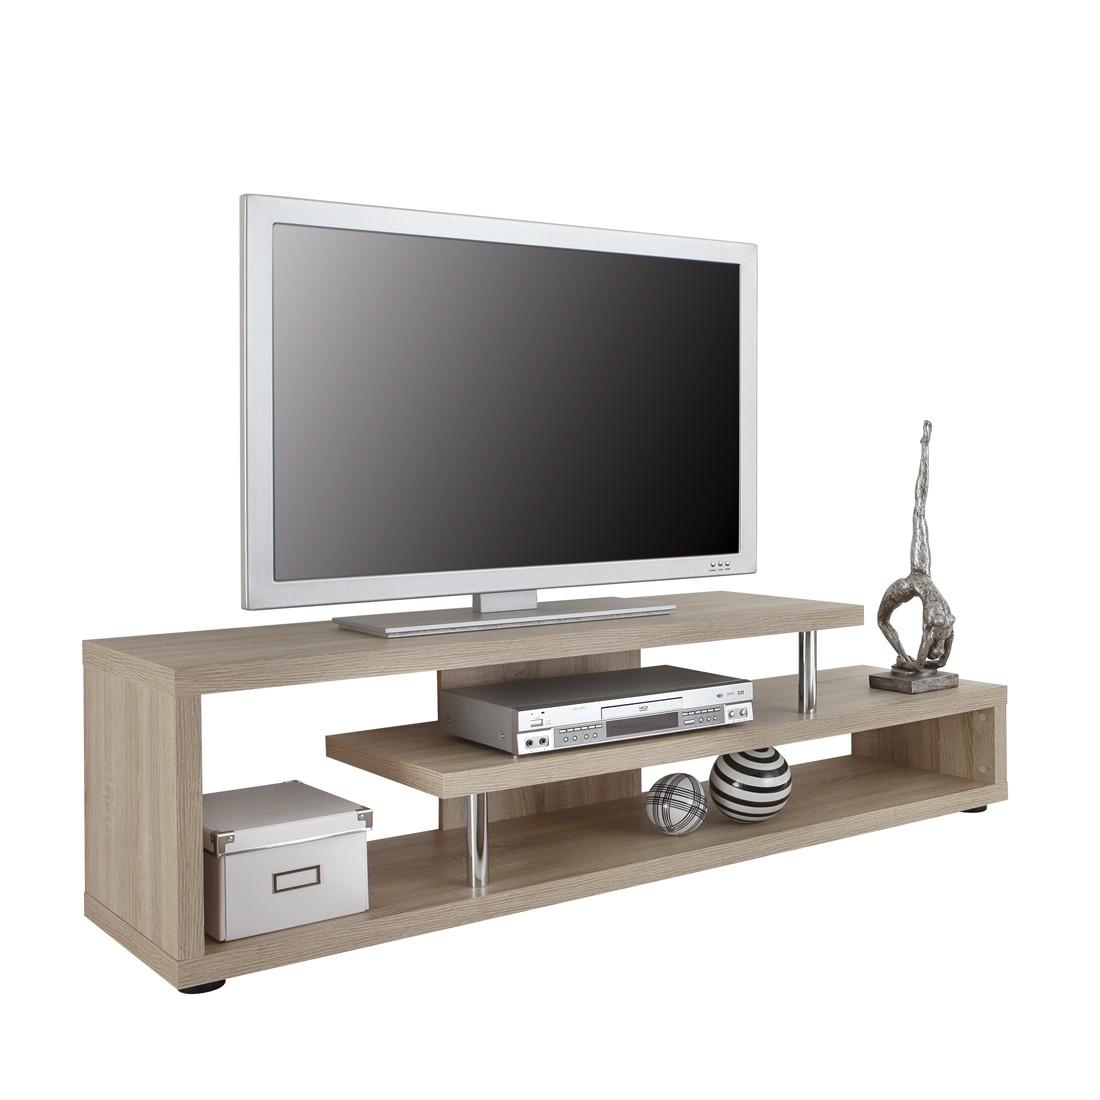 sonoma eiche dekor platte interessante ideen f r die gestaltung eines raumes in. Black Bedroom Furniture Sets. Home Design Ideas